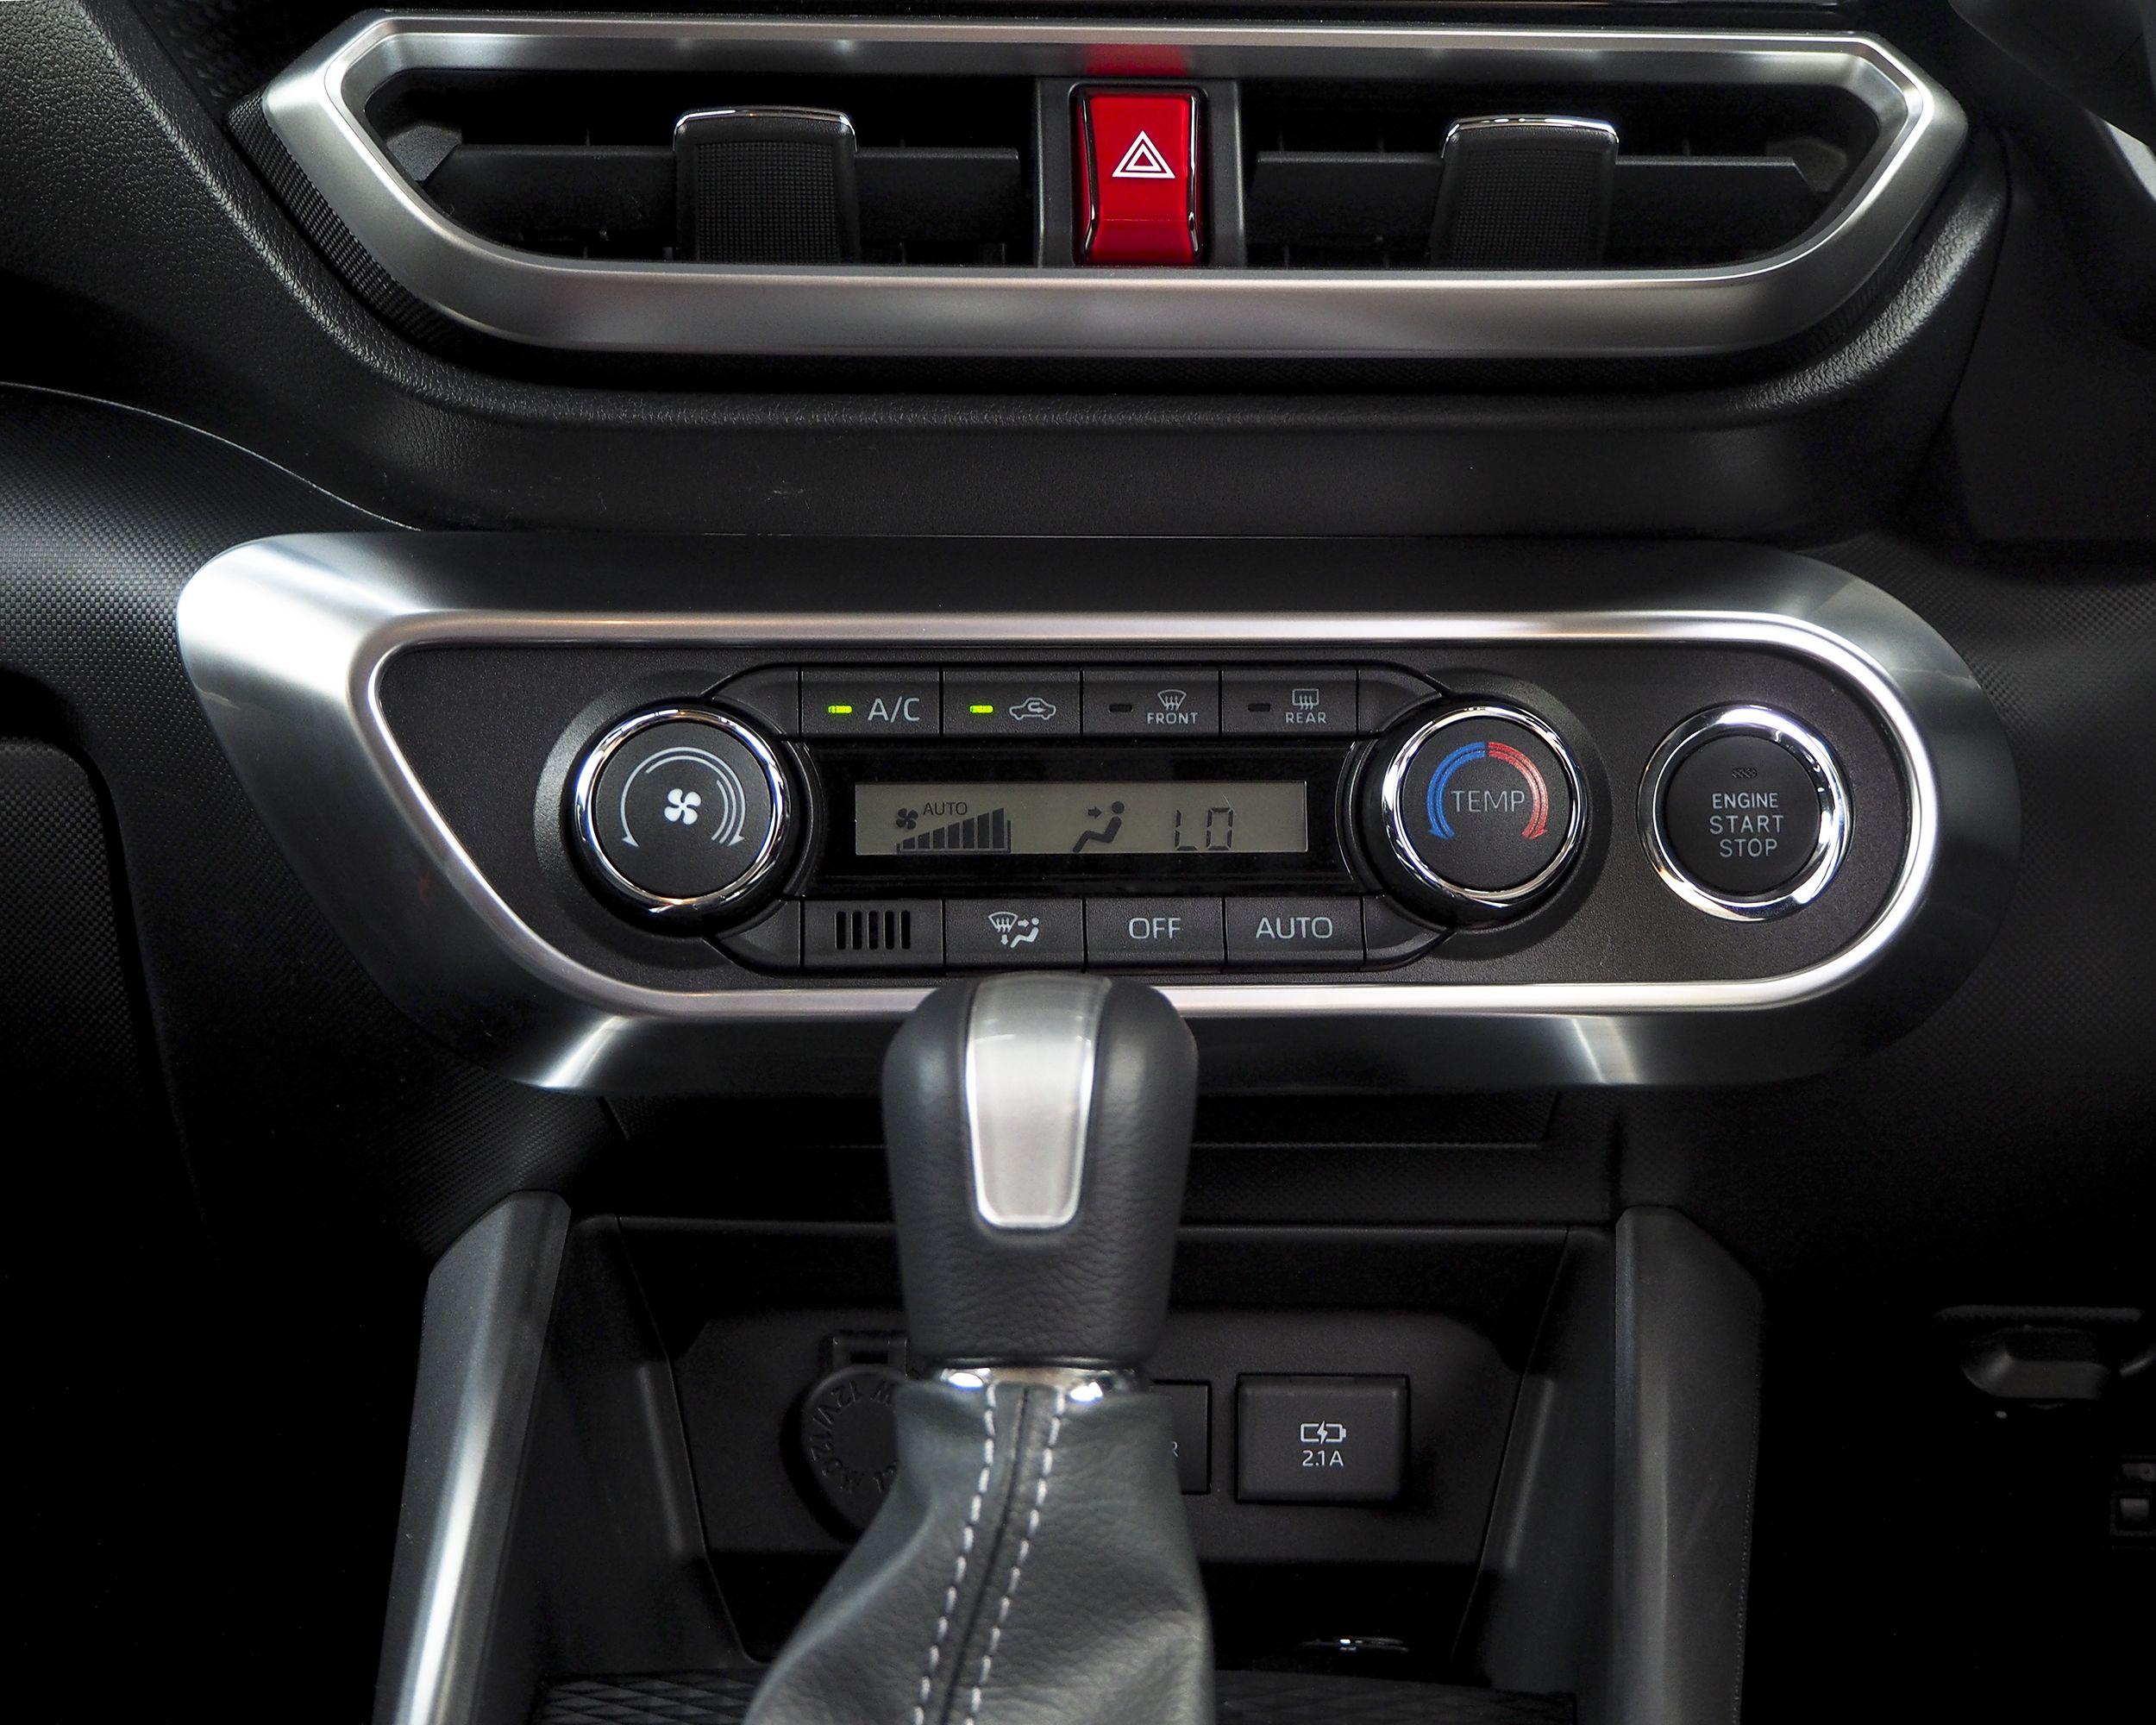 ライズ ロッキー エアコンスイッチパネル 1p Toyota Raize Daihatsu Rocky トヨタ ダイハツ A200a A210a ライズ ダイハツ インテリア パネル